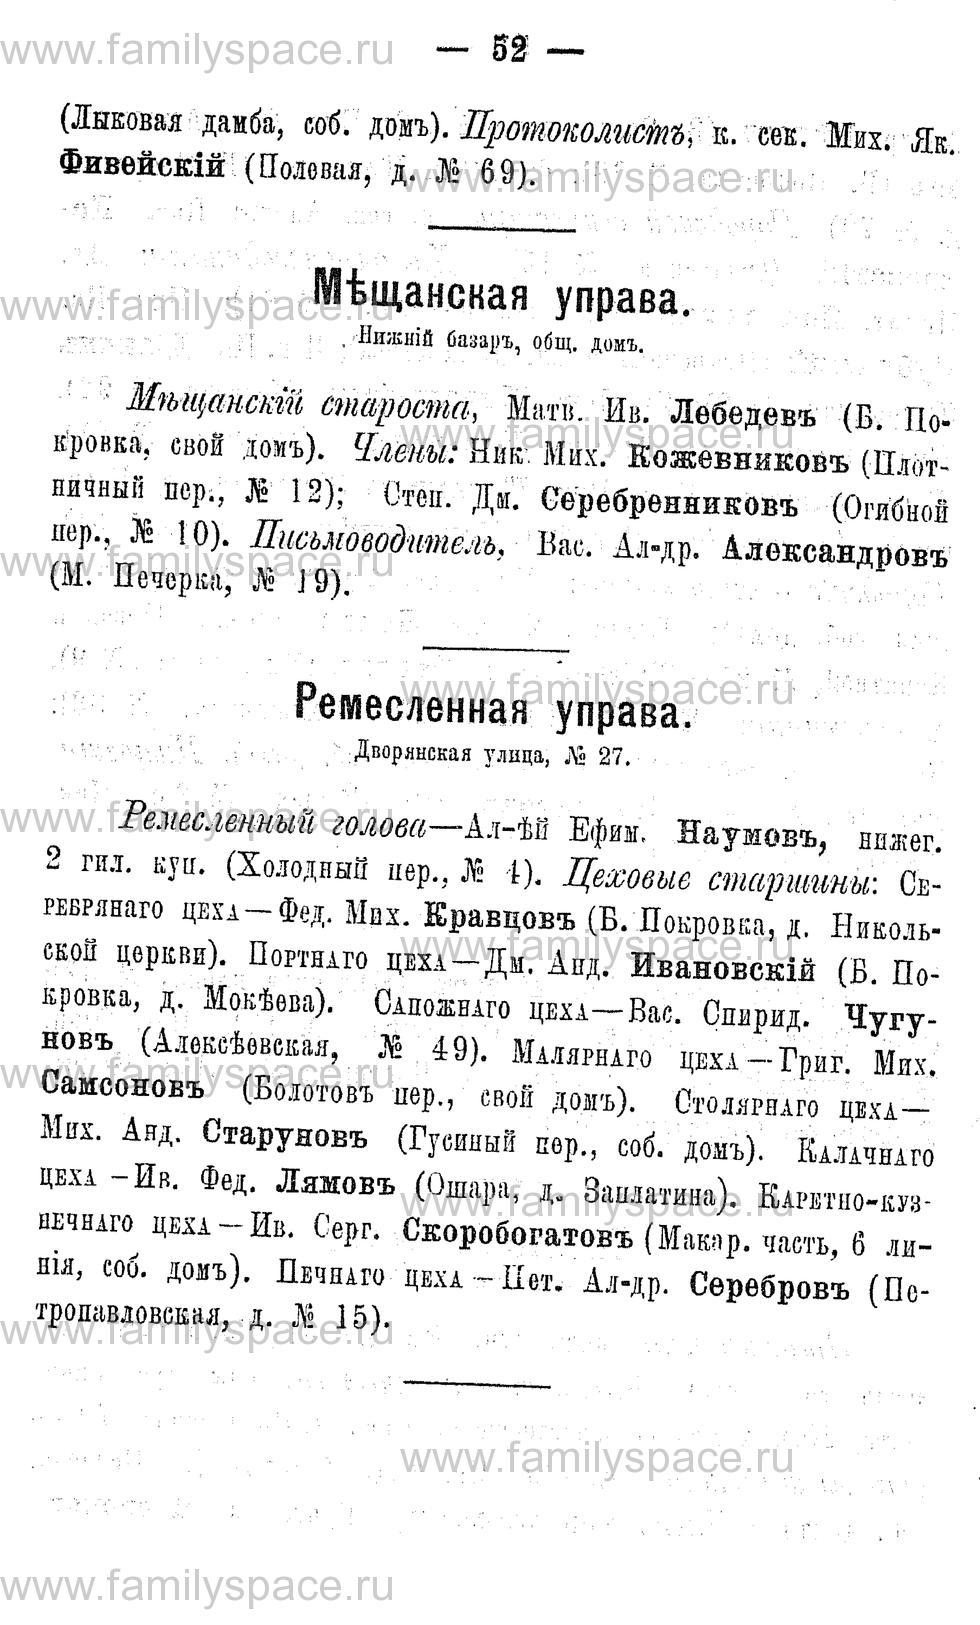 Поиск по фамилии - Адрес-календарь Нижегородской губернии на 1891 год, страница 52